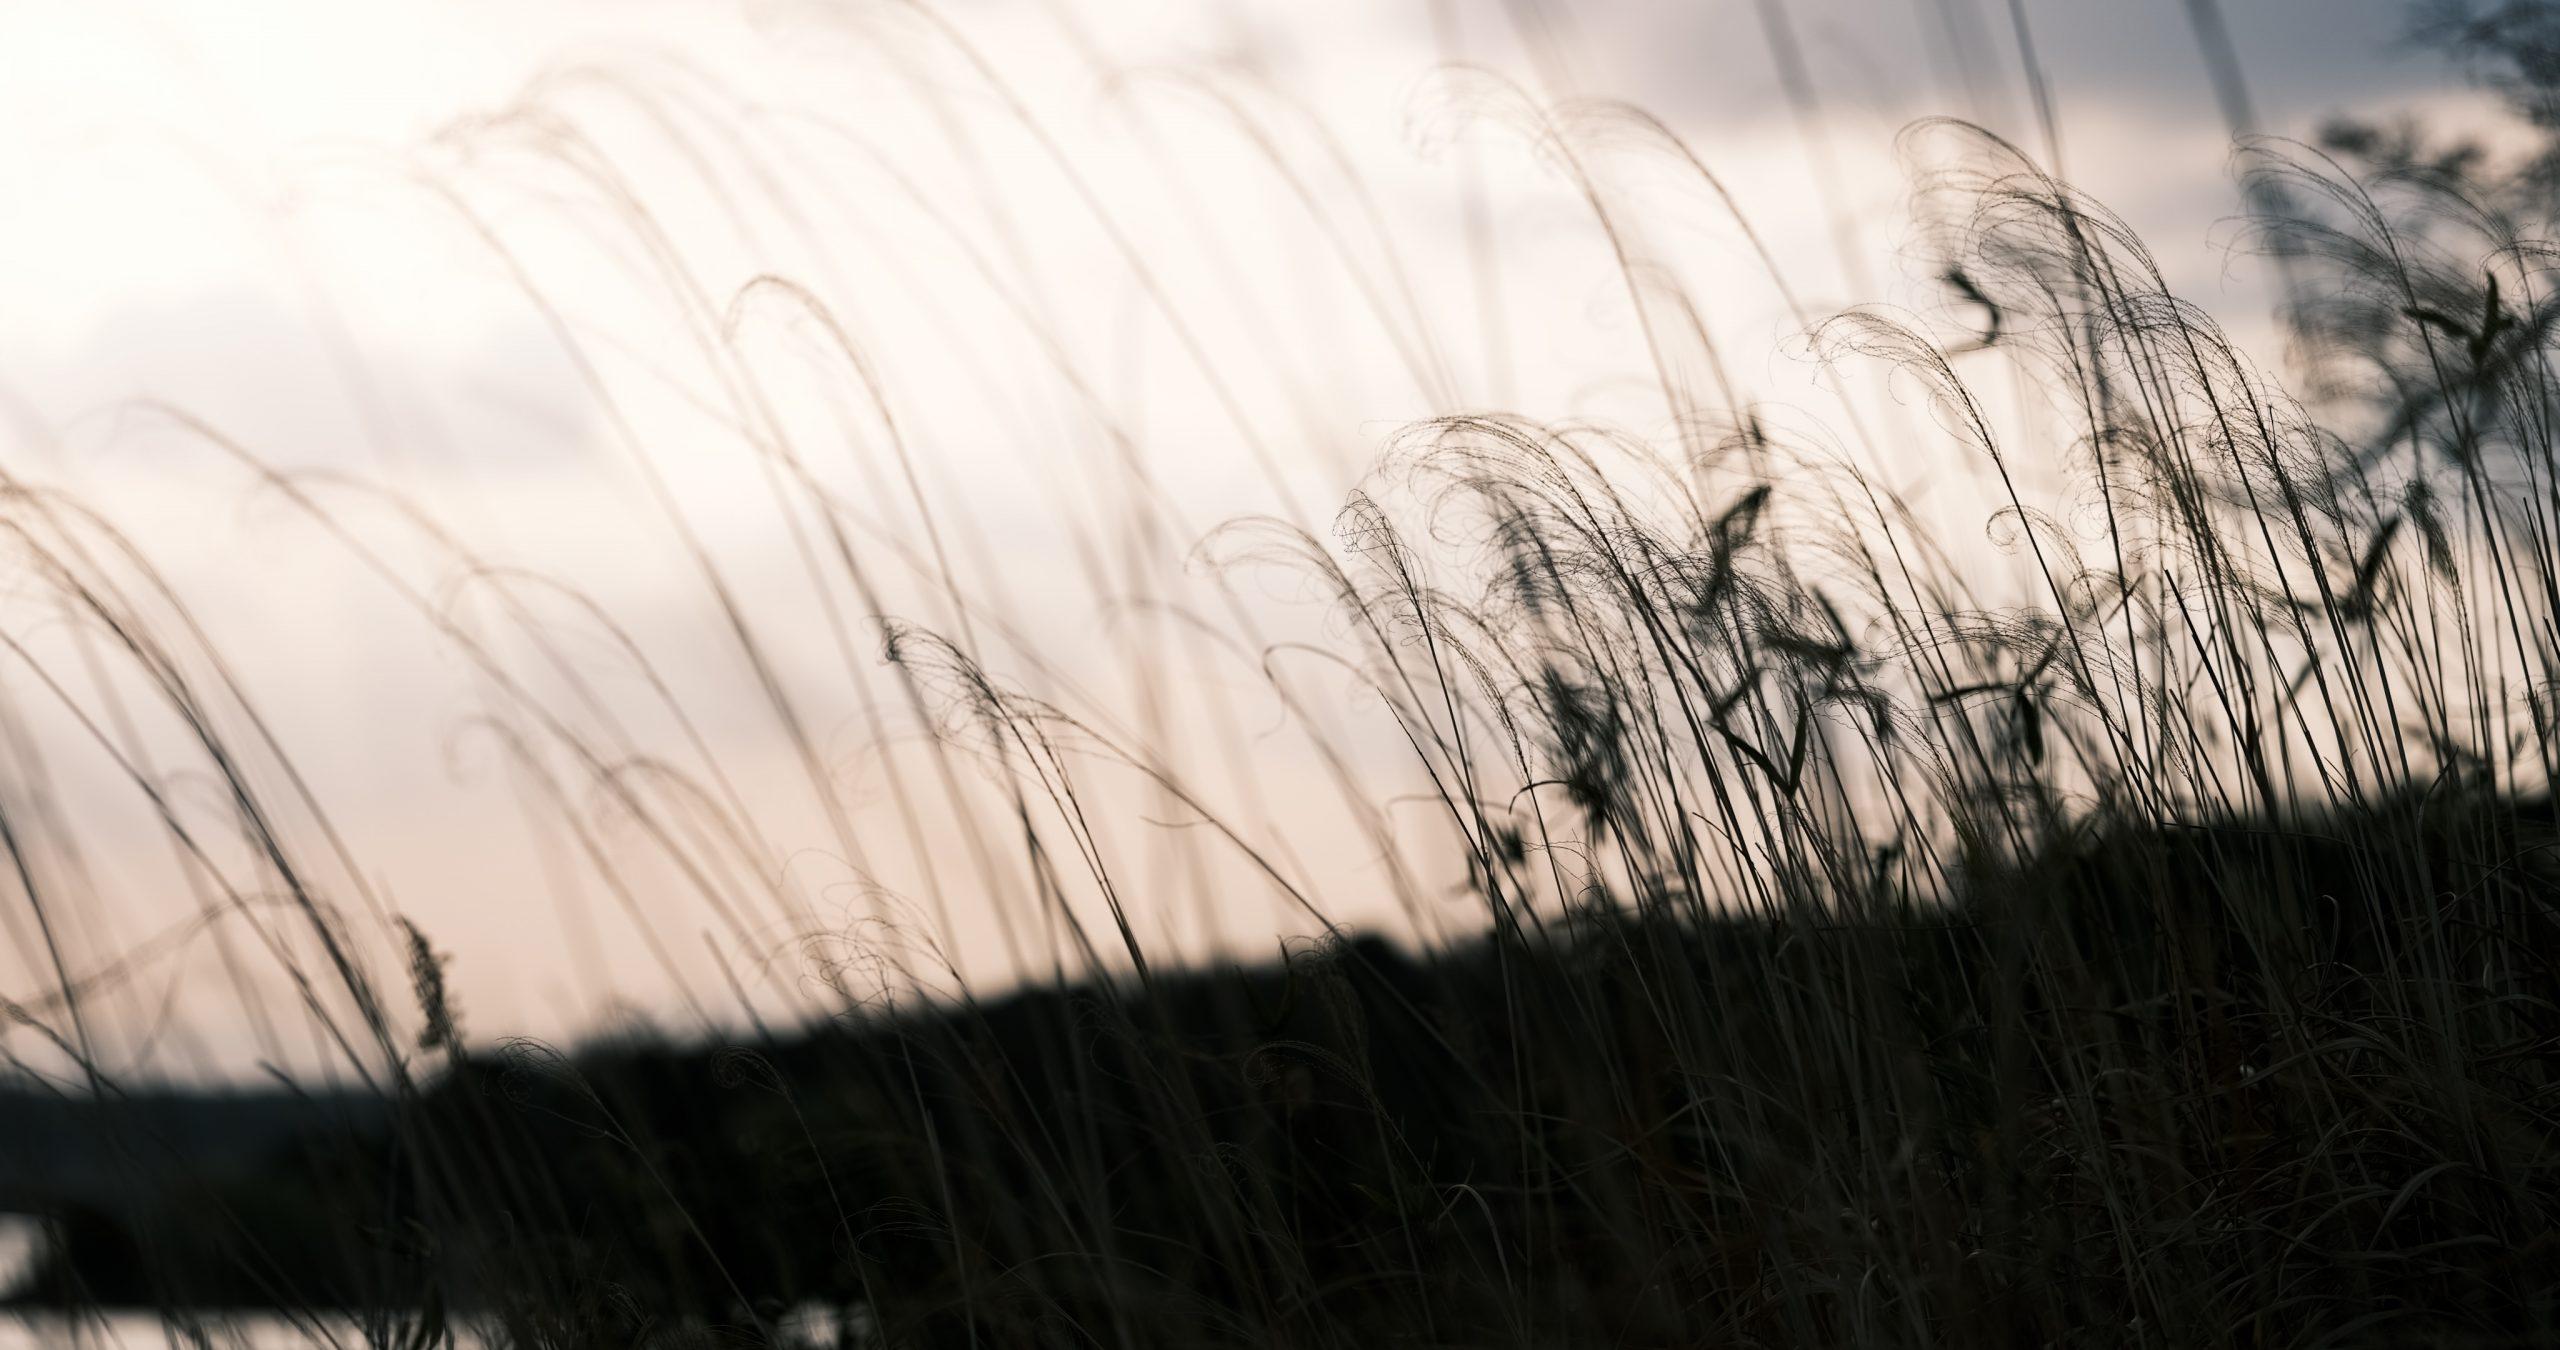 【FUJIFILM】 GFX100Sの4K動画で狭山の湖を撮る